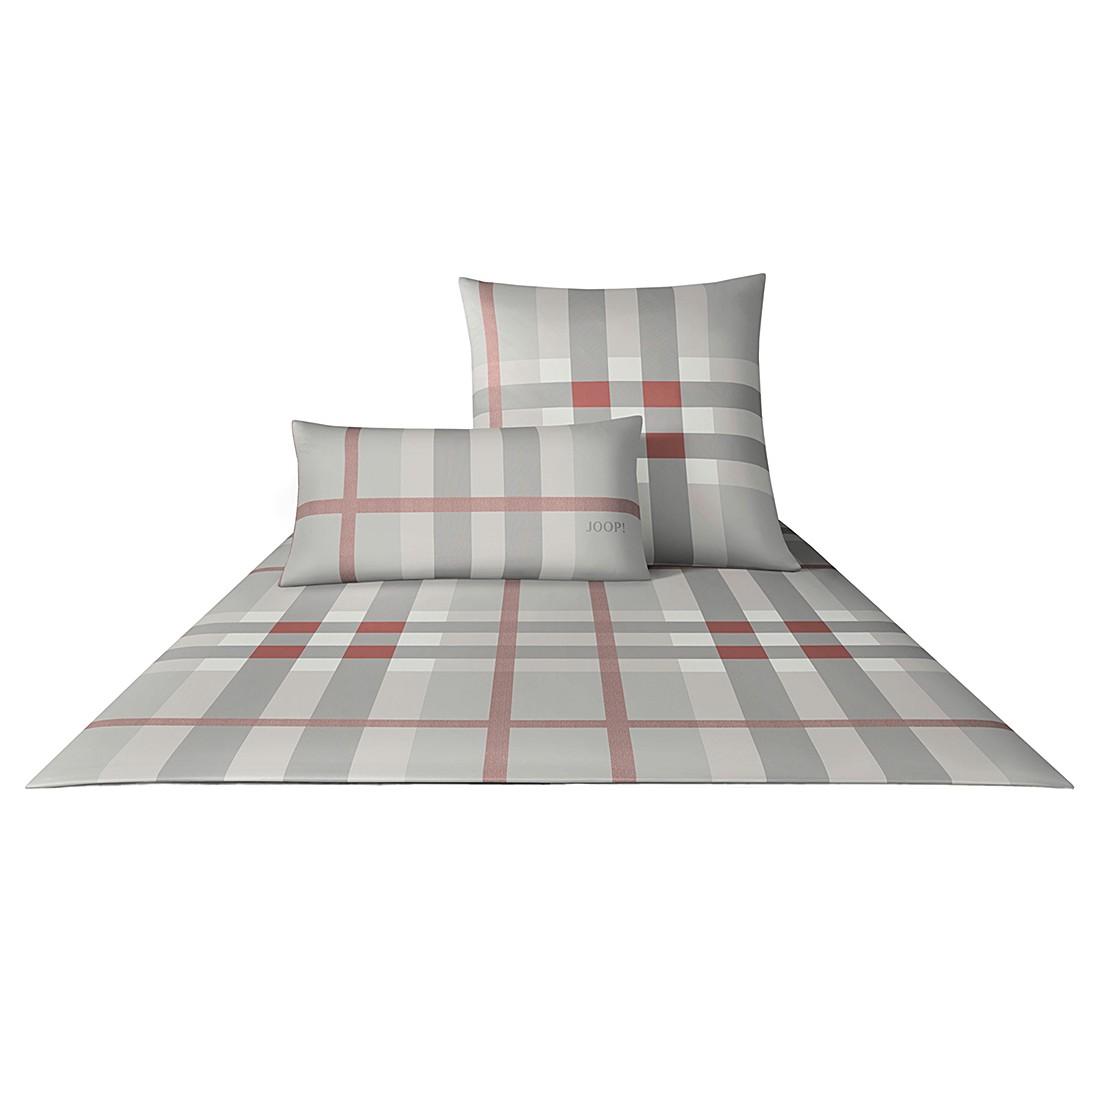 Bettwäsche Mako-Satin Shaded Squares 4509 – Baumwolle – Korallenrot – Kissen 40×80 cm, Joop günstig